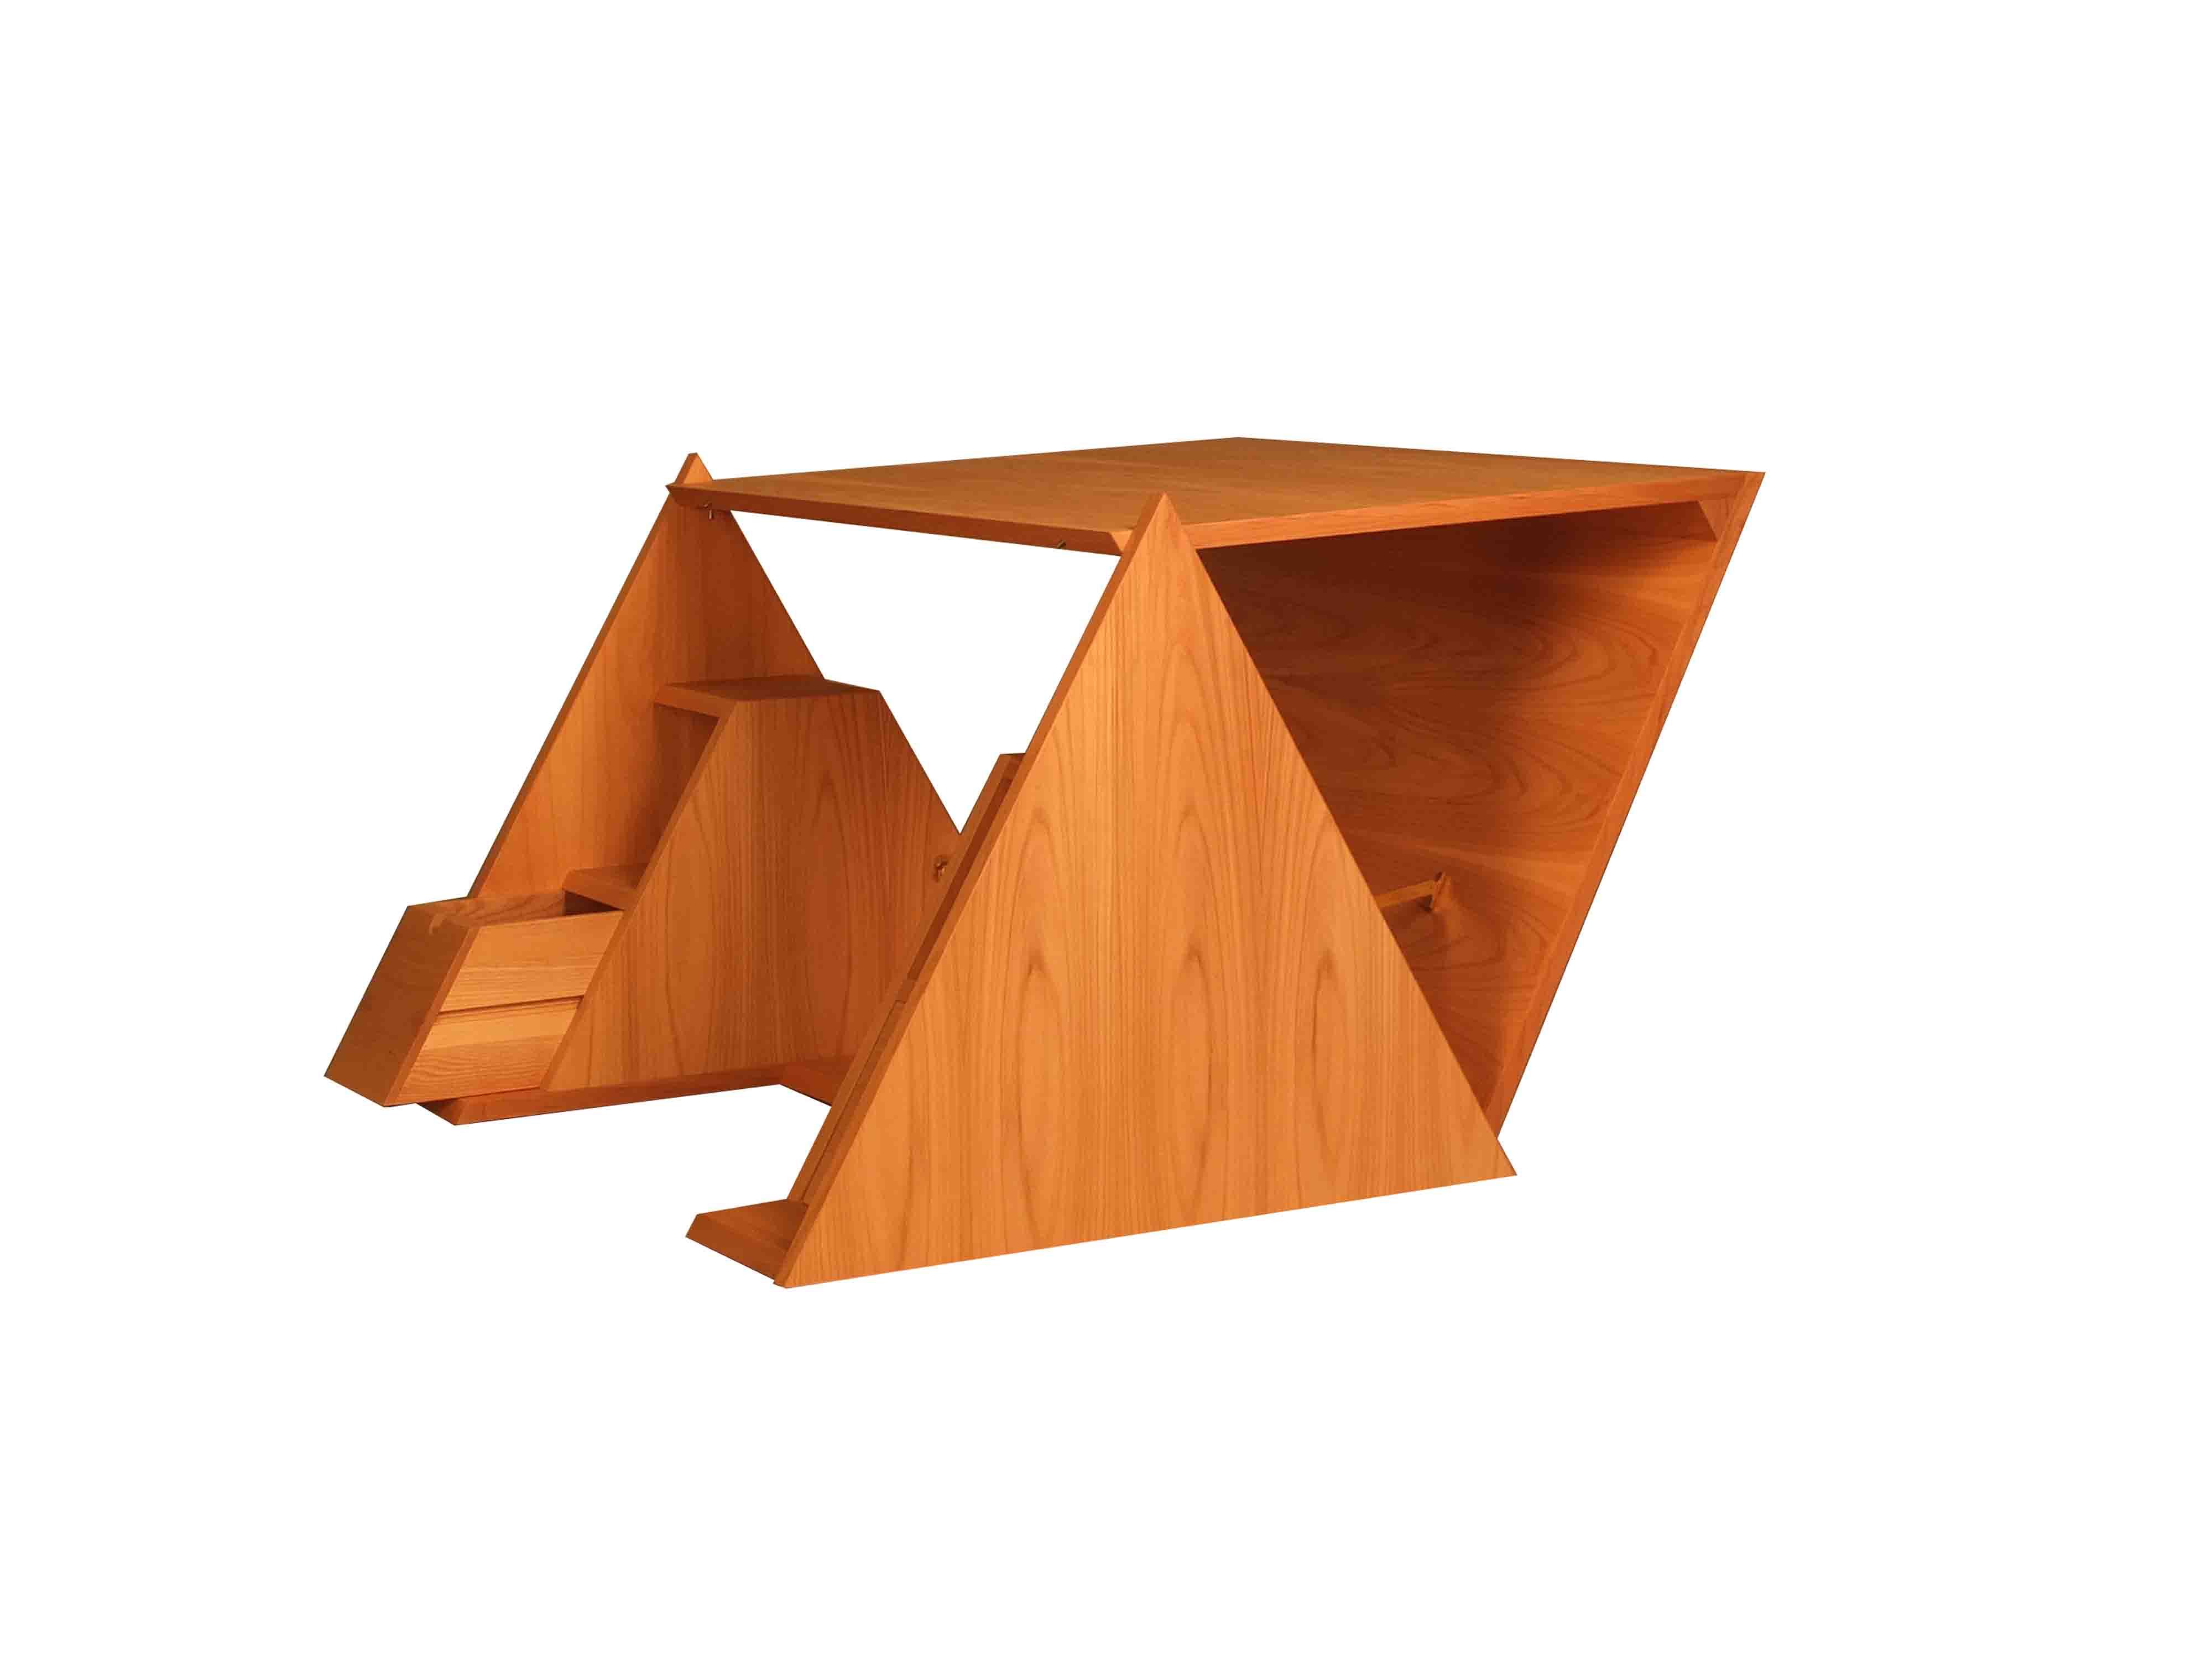 muebles de diseño - Occultamento 4